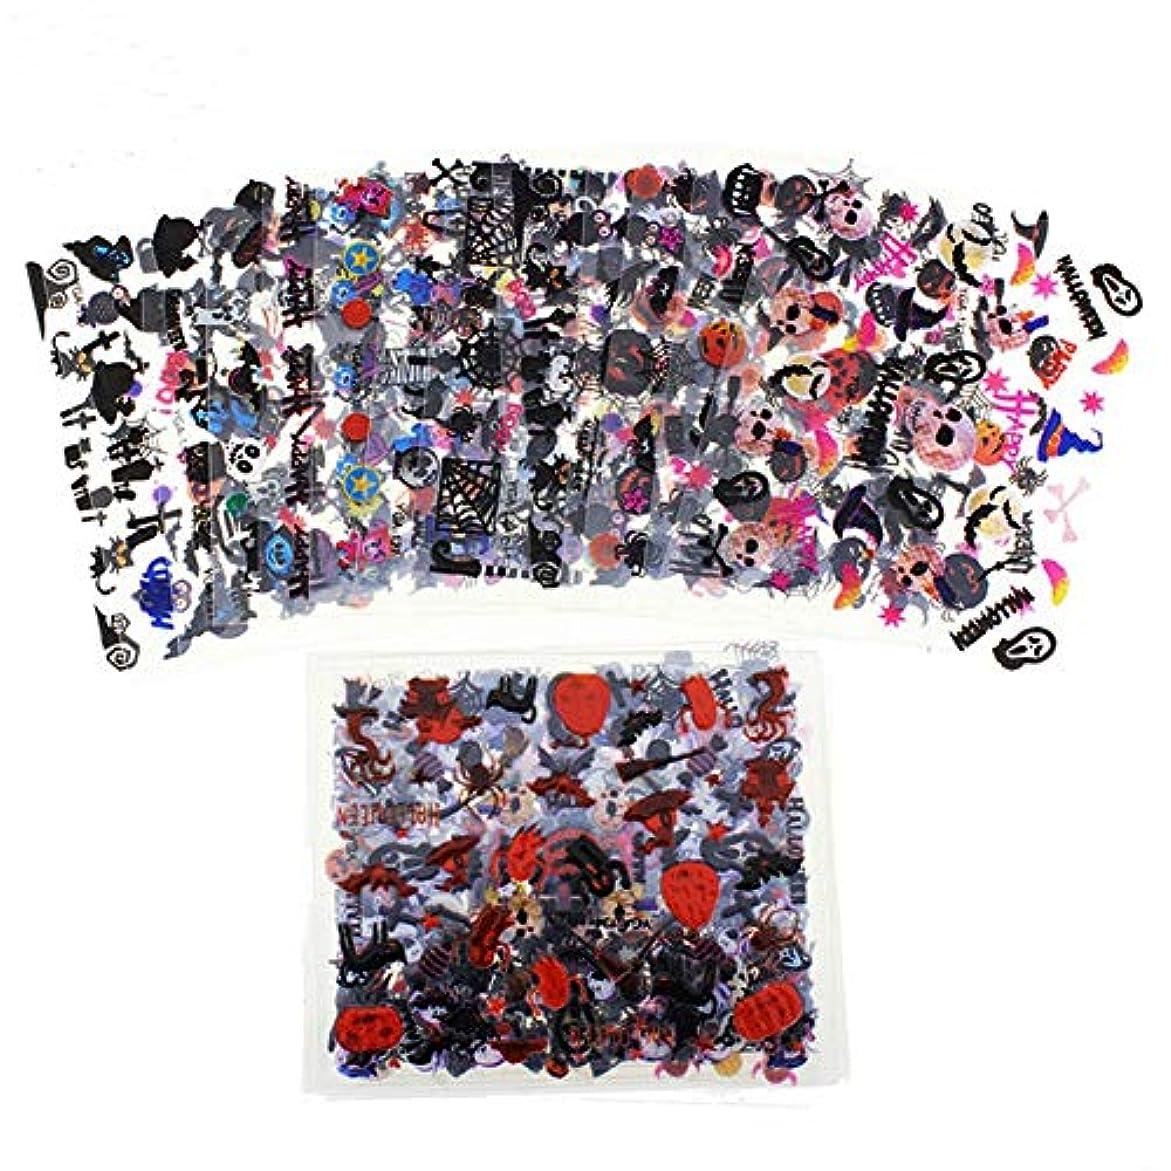 脈拍空いている密輸Papiroom ネイルシール ハロウィーン ネイルステッカー ネイル用装飾 24枚セット 可愛いネイル飾り 貼るだけマニキュア ネイル用装飾 女性 女の子 子供用